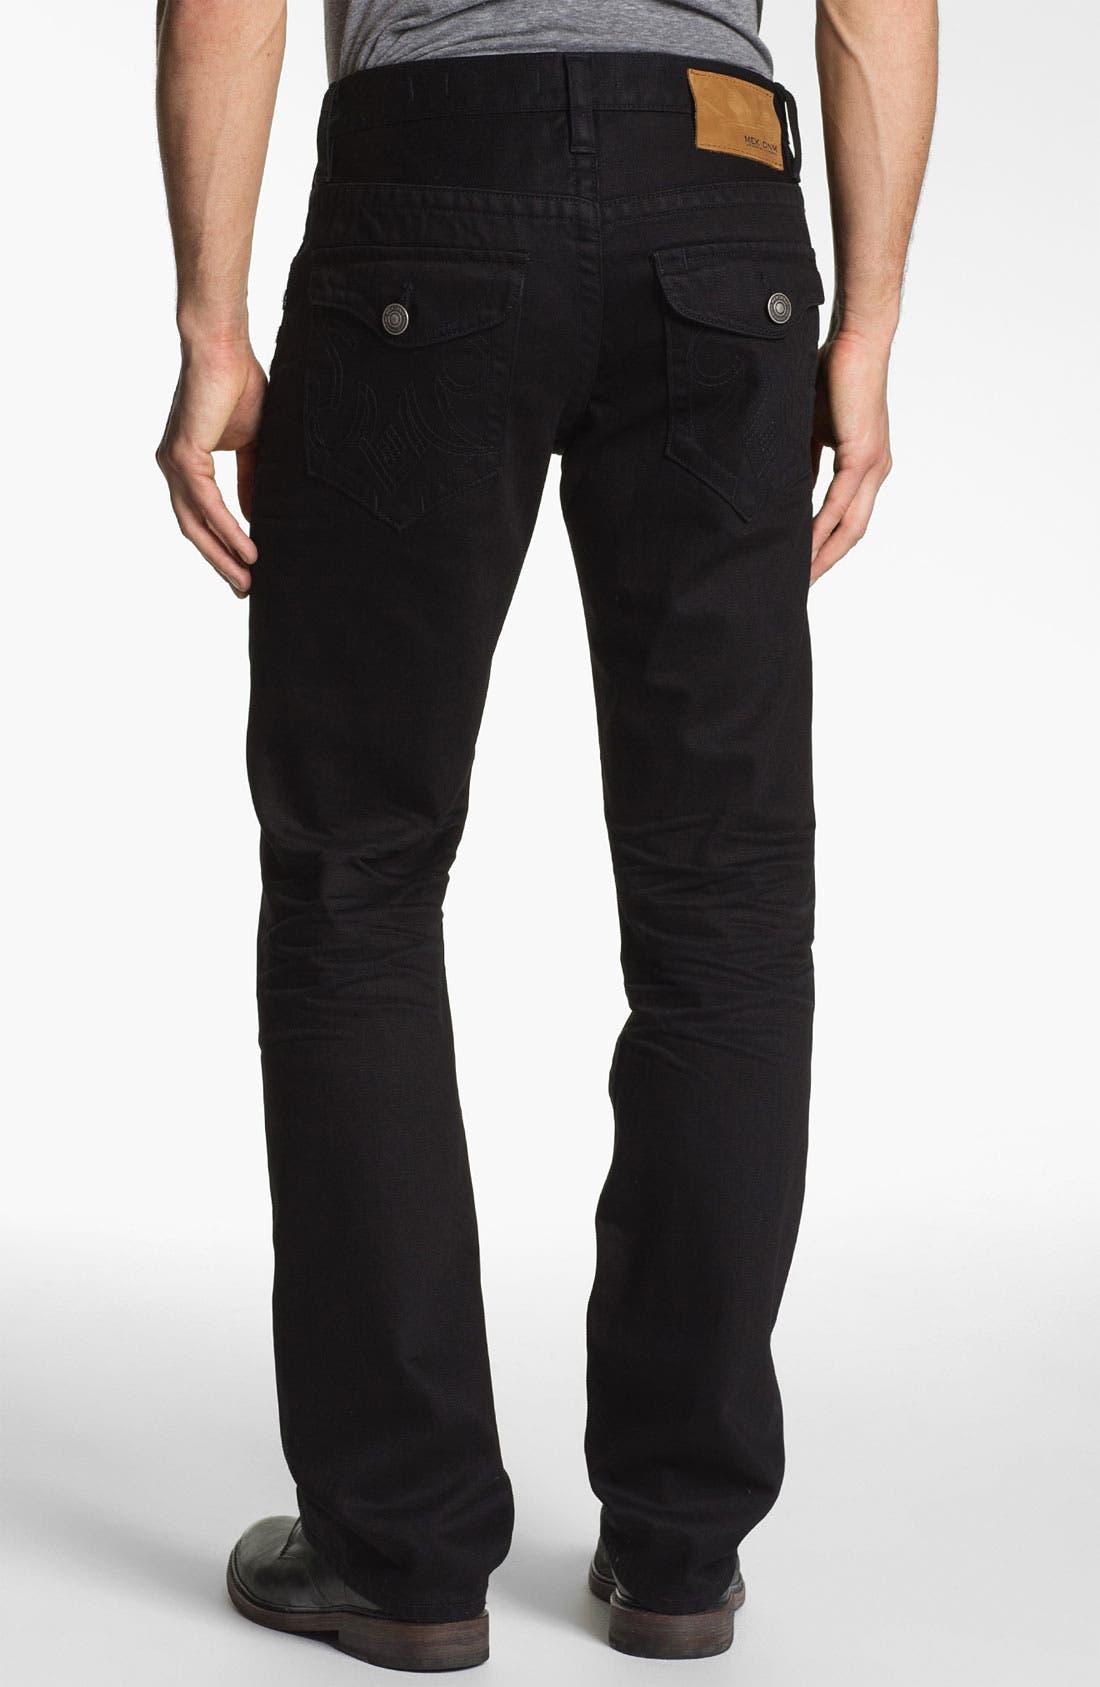 Alternate Image 1 Selected - MEK Denim 'Luther' Straight Leg Jeans (Black Bart)